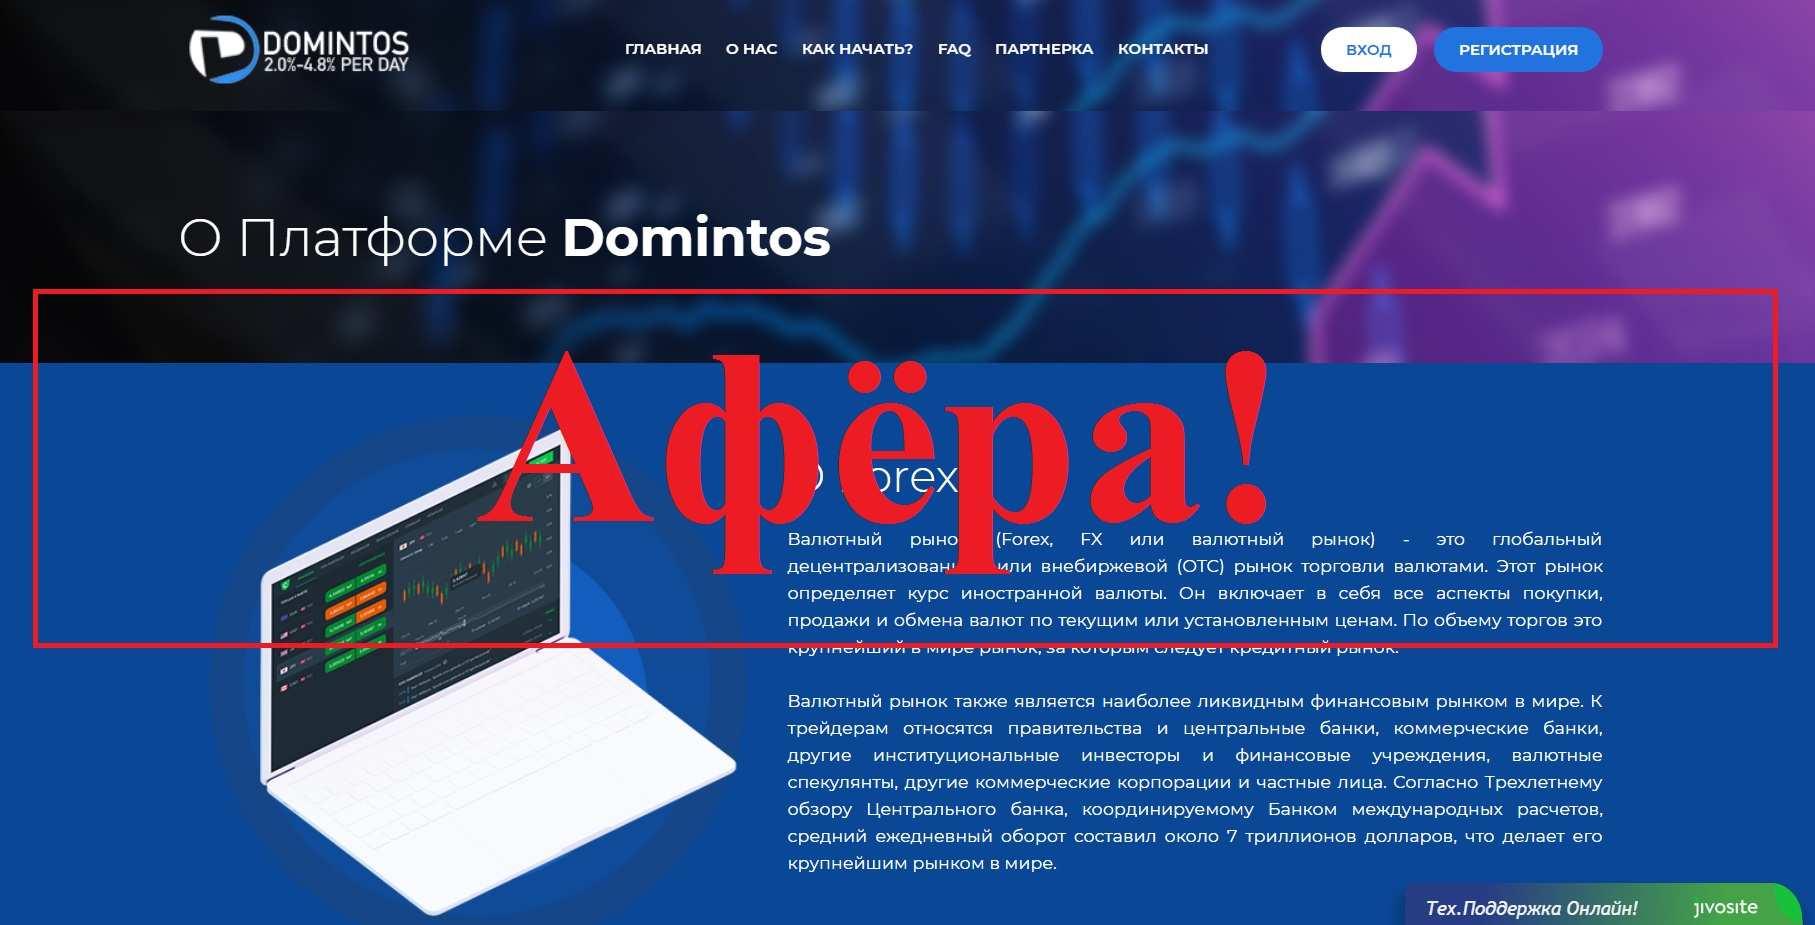 Отзывы о Domintos – плохое решение для инвесторов domintos.com